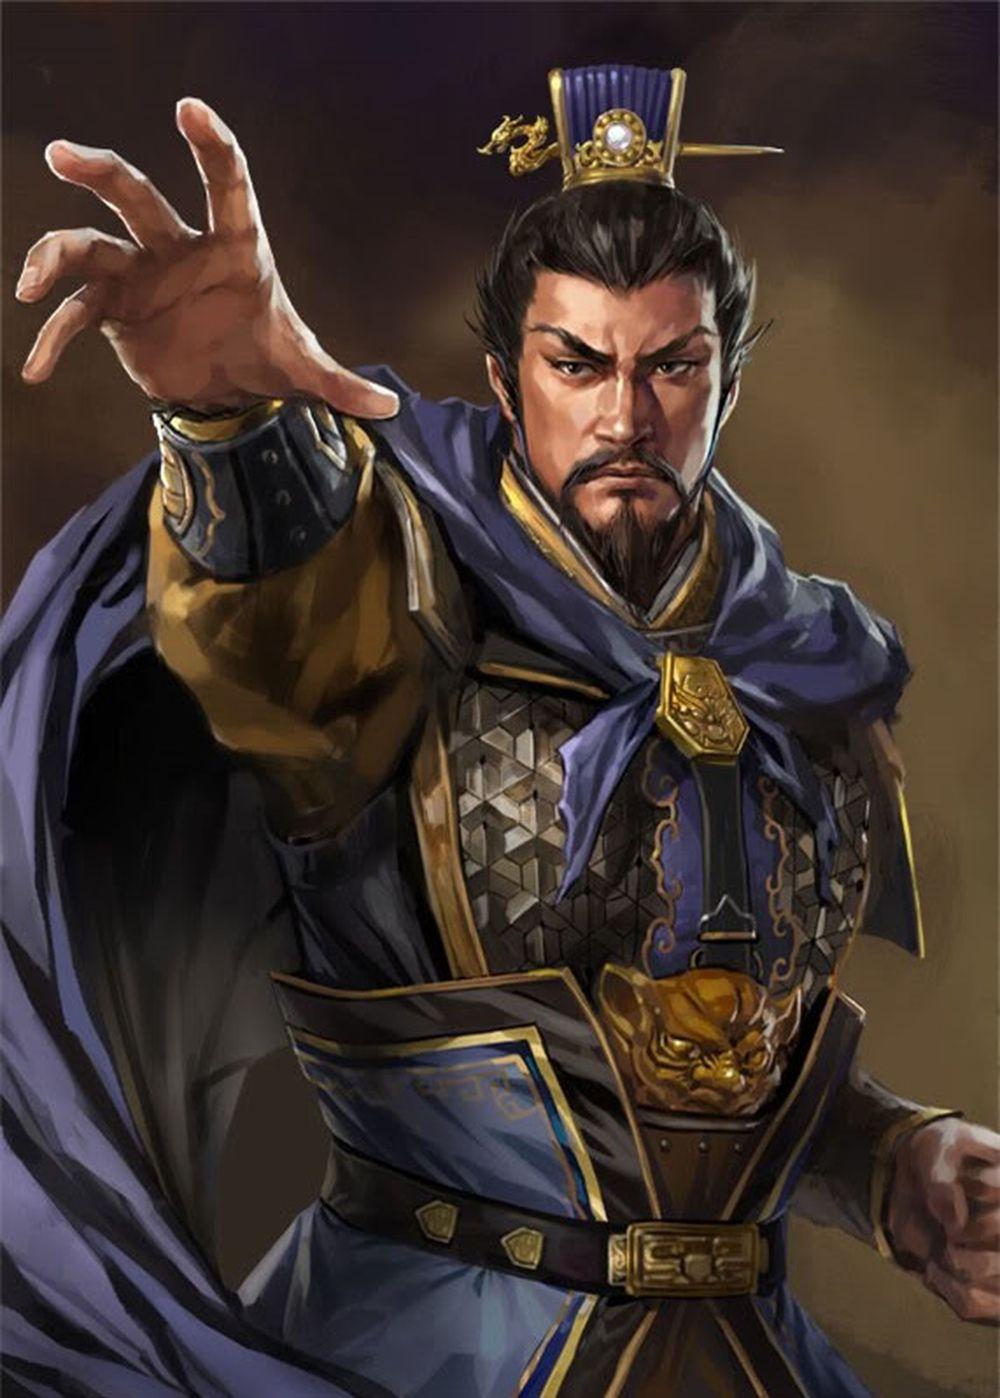 Ông là người đặt cơ sở cho chế độ cát cứ phân tranh ở miền Bắc Trung Quốc,  tạo nên nhà Tào Ngụy thời Tam Quốc.